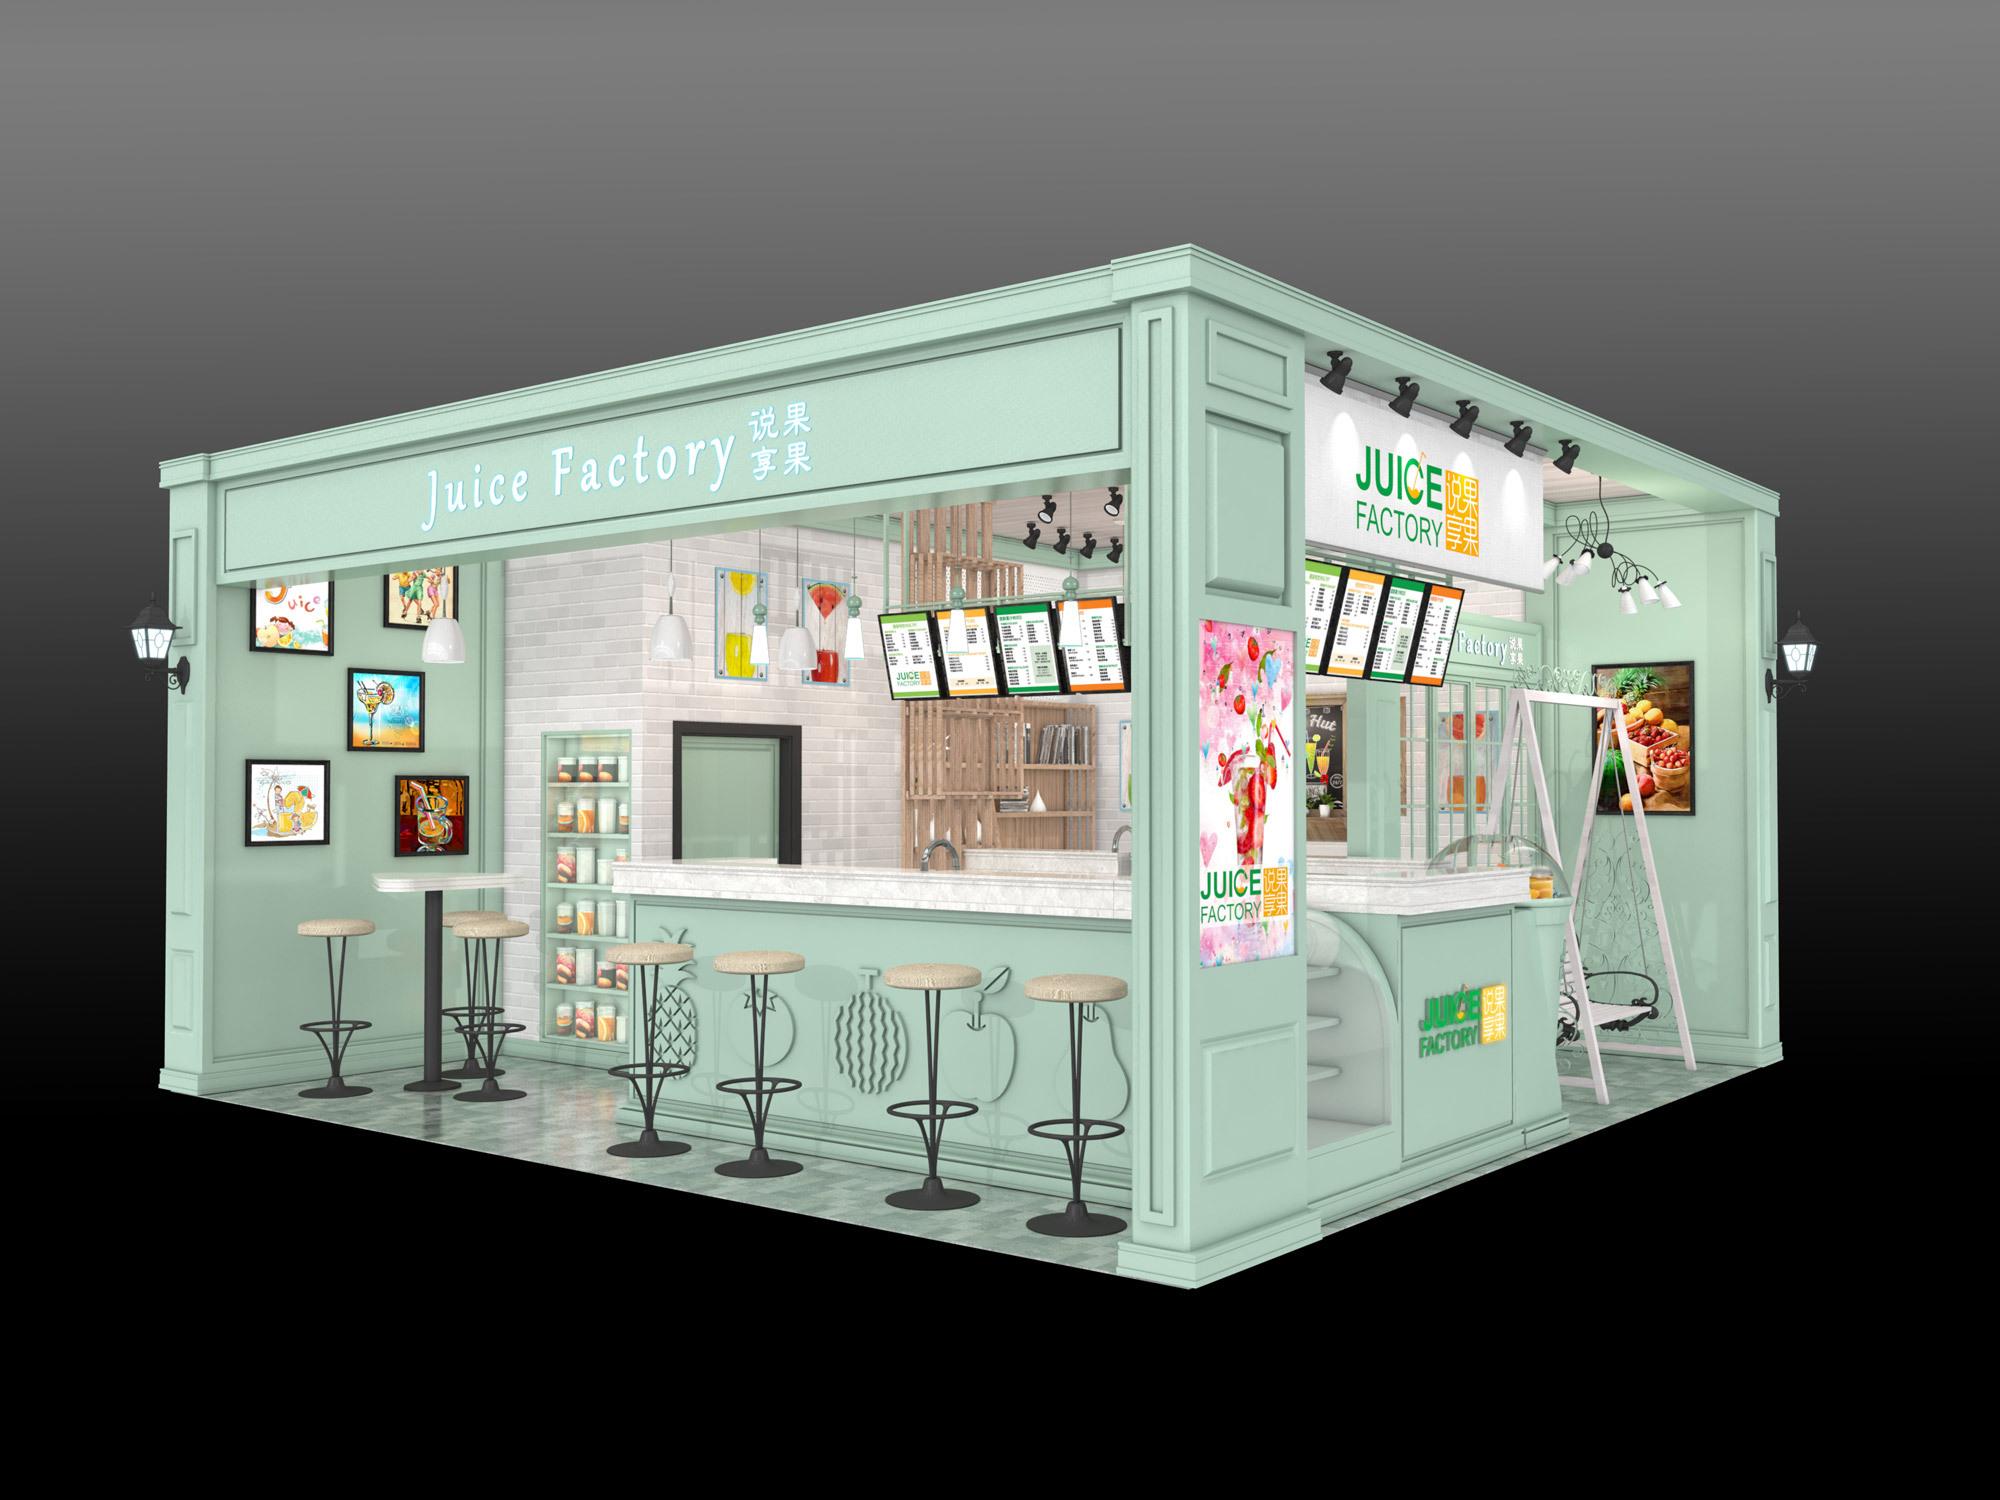 说果享果水果饮品店终端形象设计